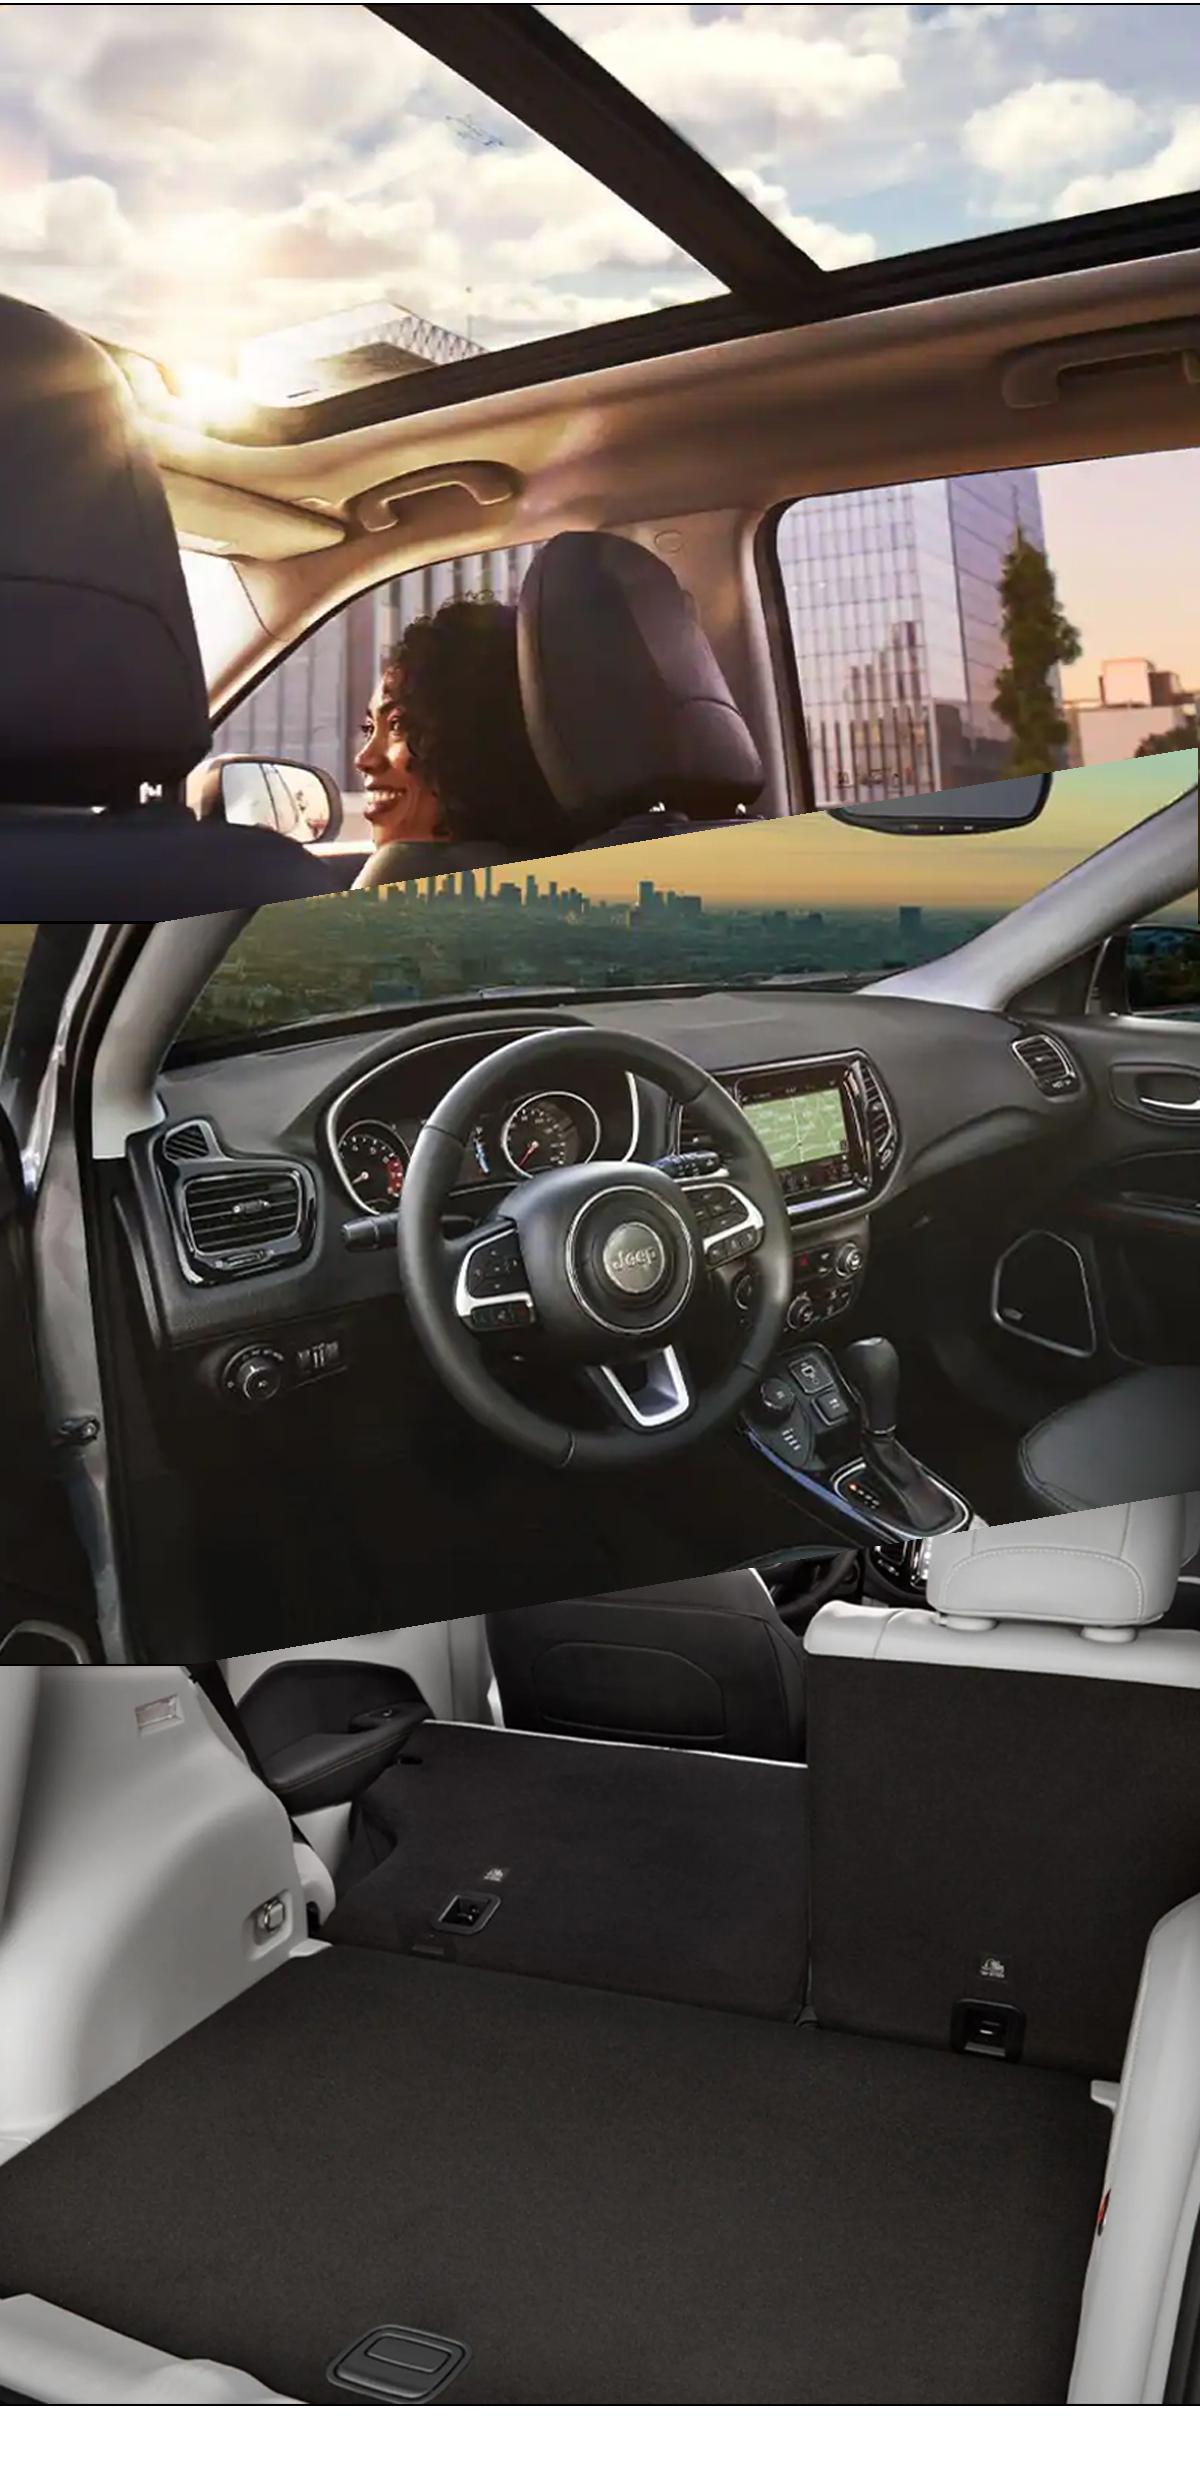 2021 Jeep Compass Interior Paris, TX